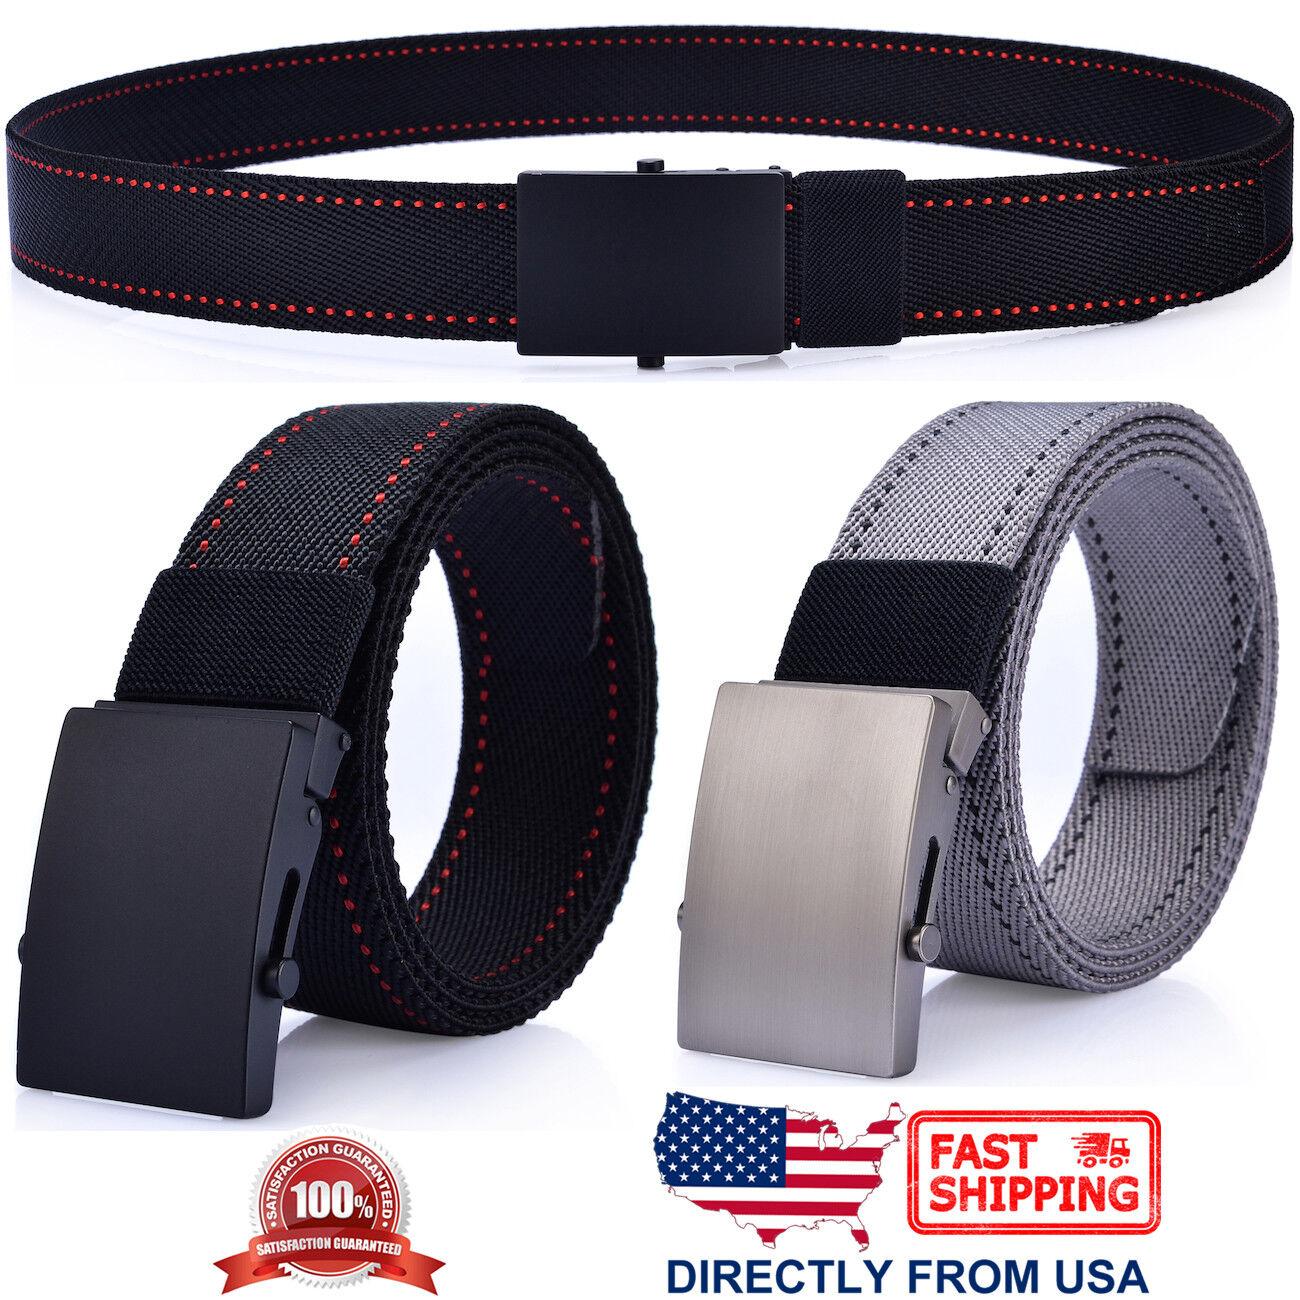 Men's Casual Dress Belt, Nylon Webbed Belt, Metal Buckle Belts